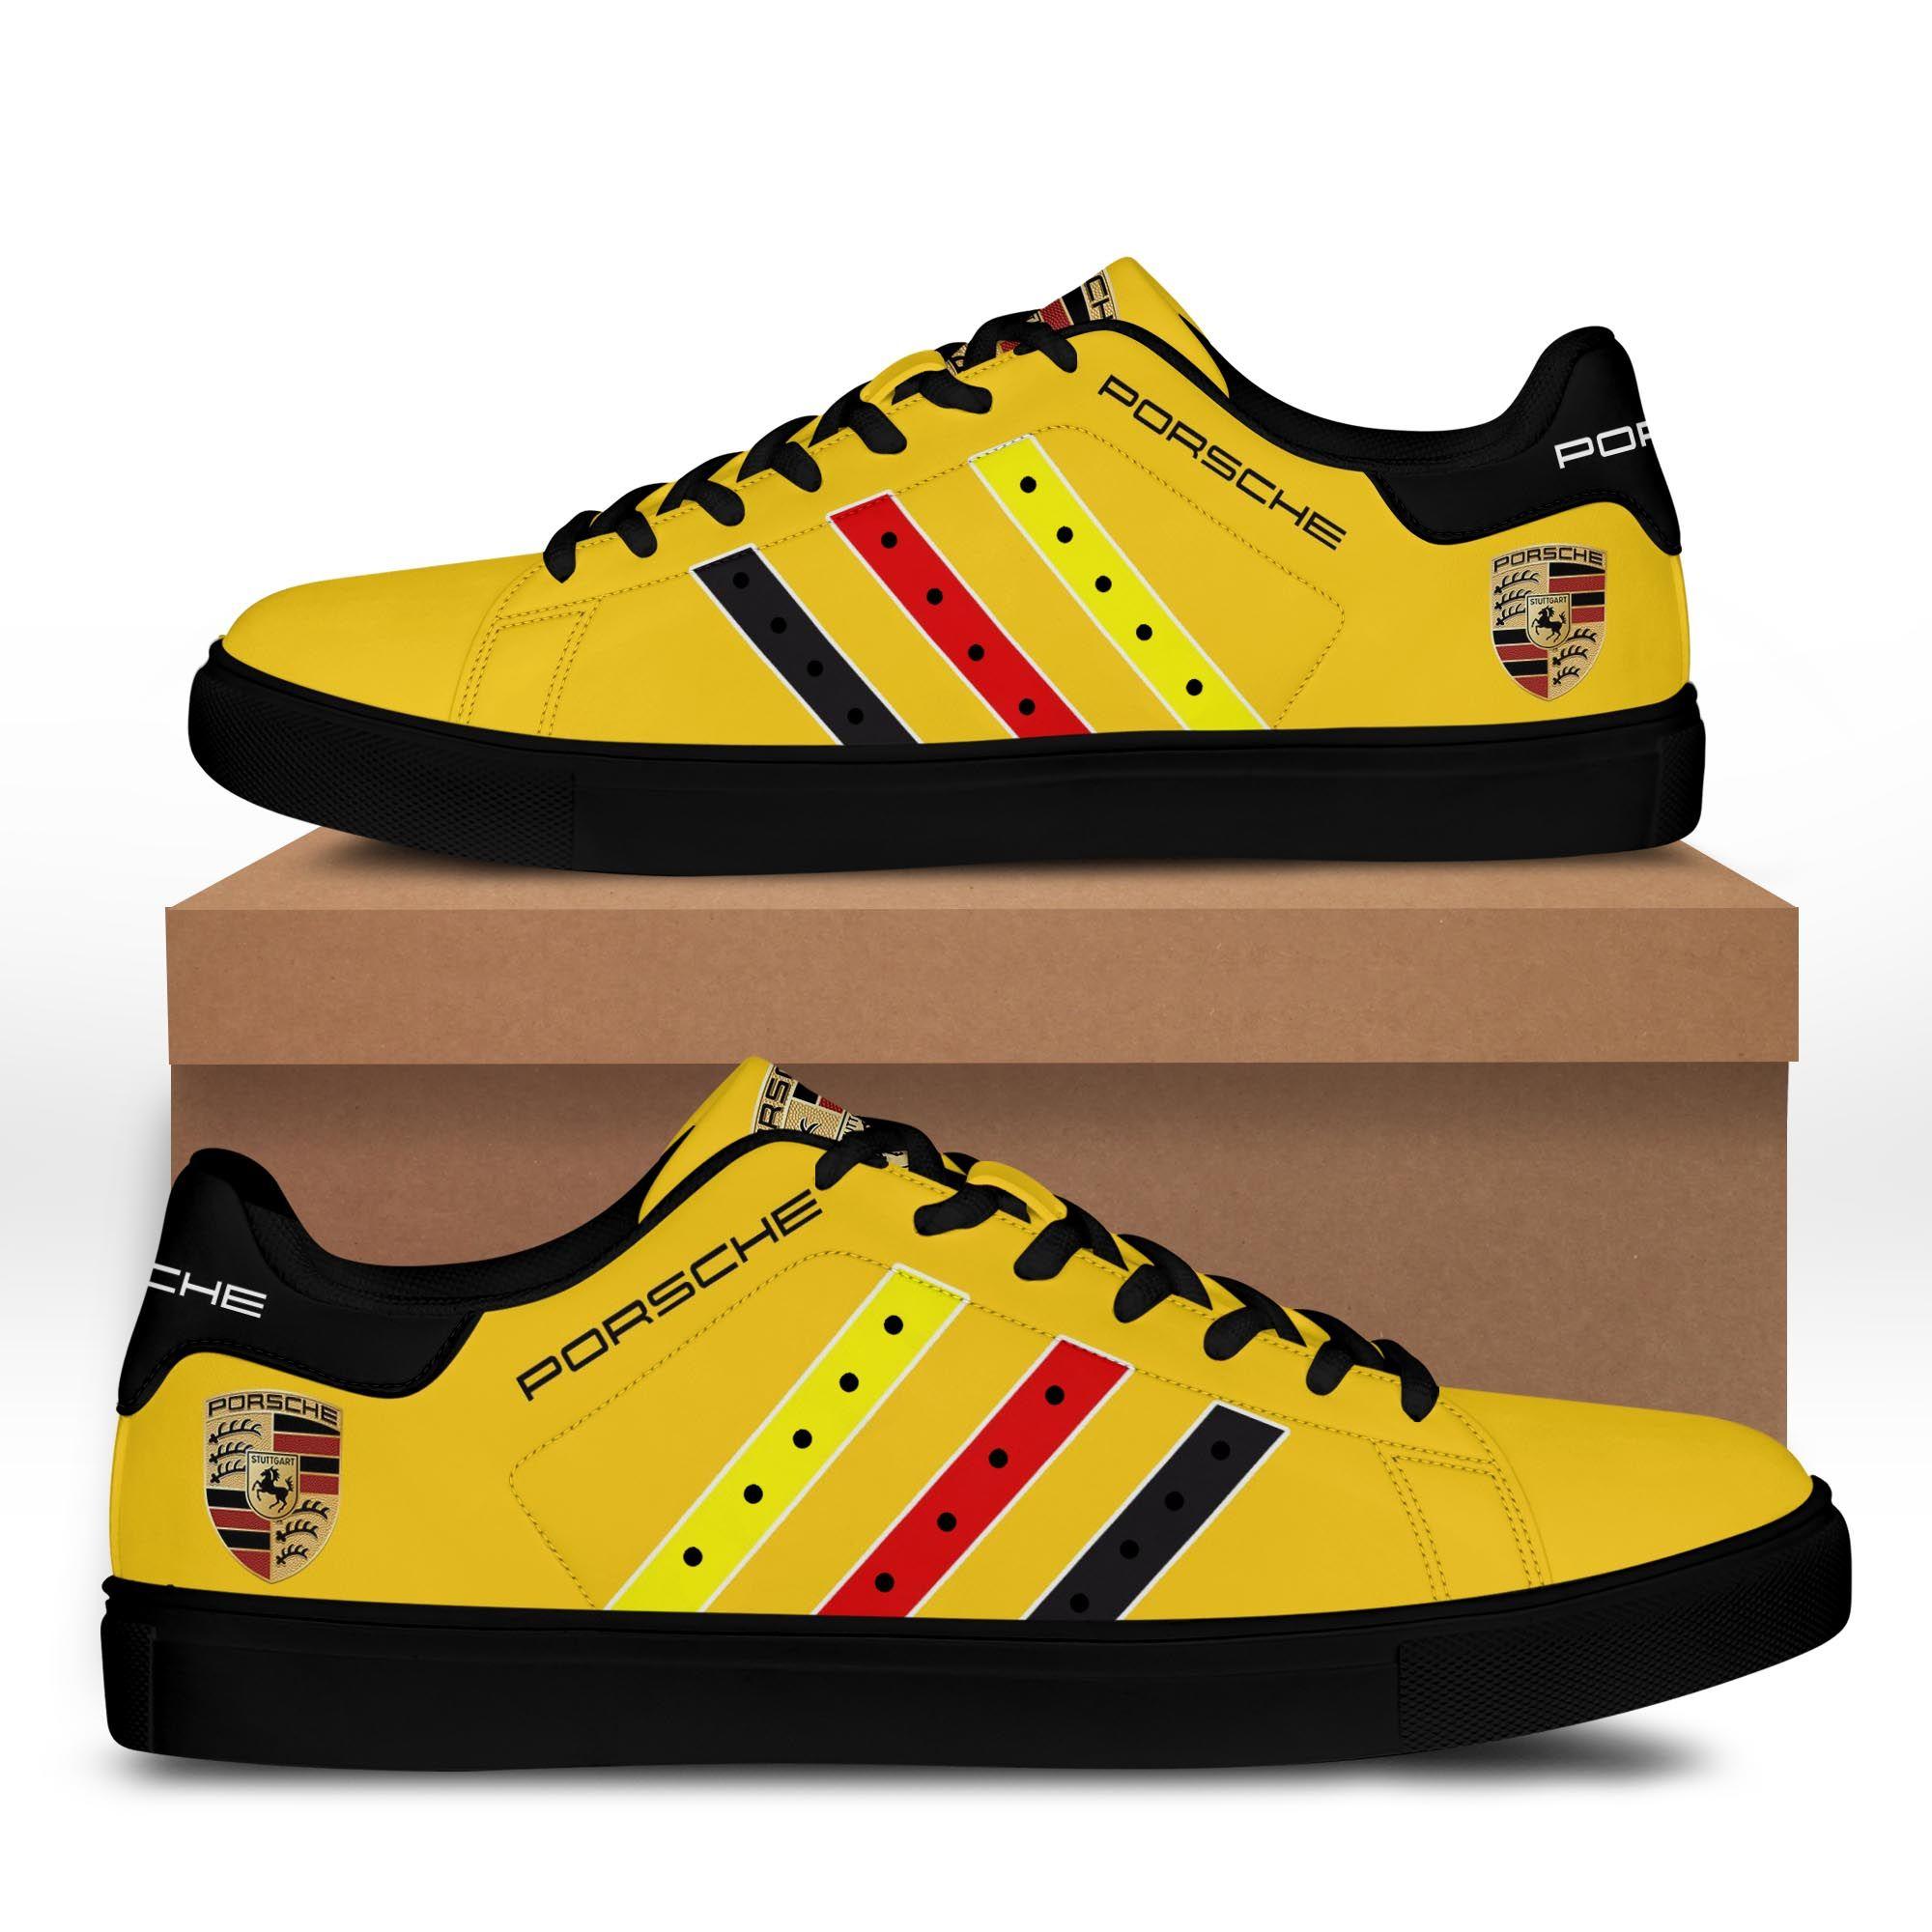 Porsche Yellow Gold Stan Smith Shoes